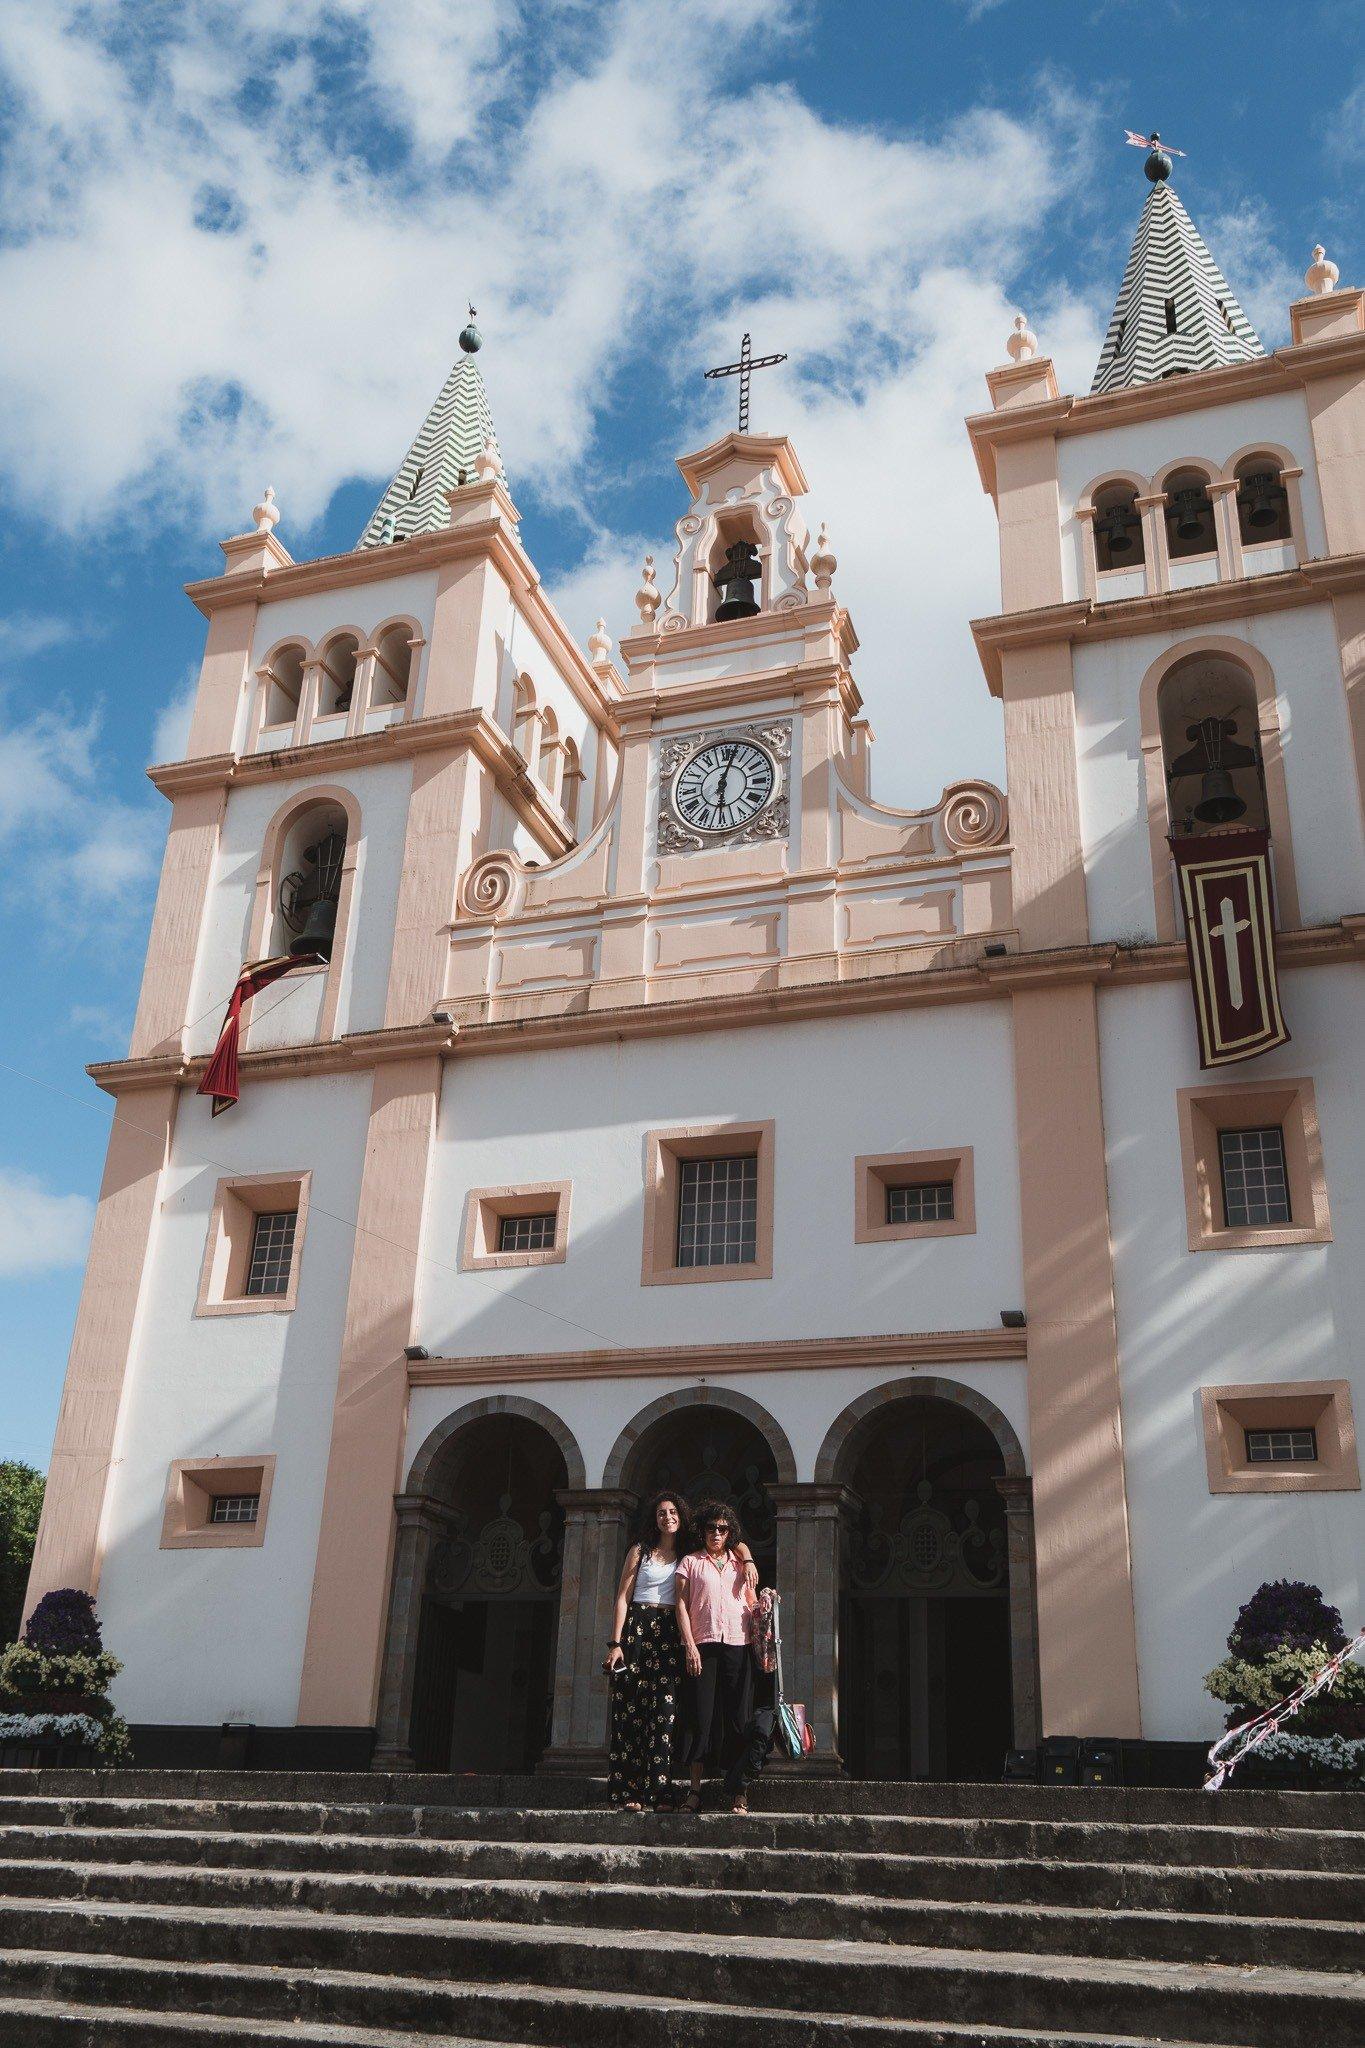 UNESCO heritage site Angra do Heroismo